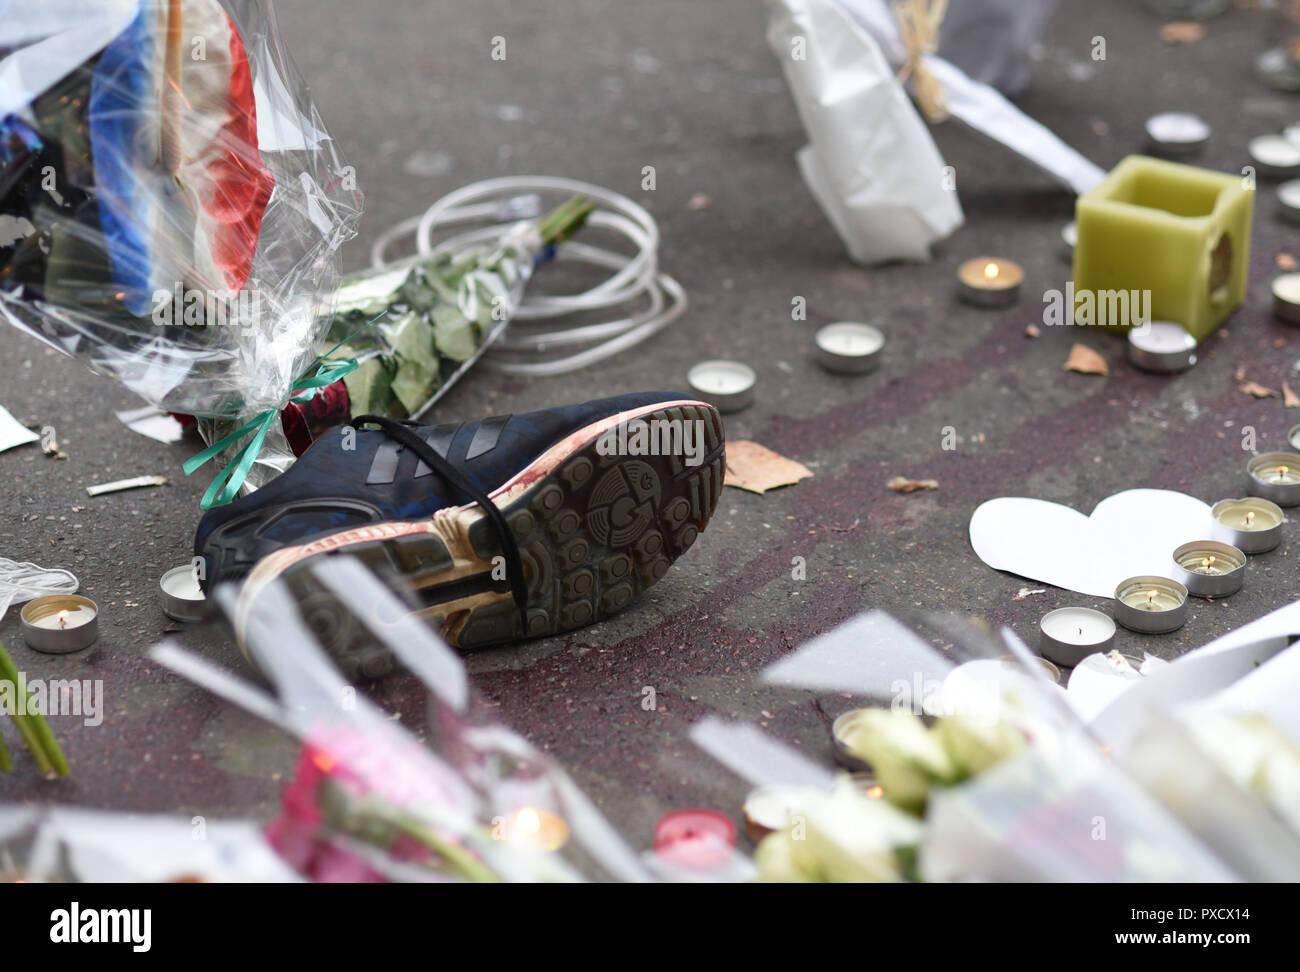 November 14, 2015 - Paris, France: Parisians pay tribute to the victims of the deadly terrorist attacks outside the Bataclan concert hall.  Des chaussures ensanglantees appartenant aux victimes, abandonnees pres du Bataclan, au lendemain des tueries du 13 novembre 2015, dans lesquelles 130 personnes ont ete tuees par des terroristes djihadistes. *** FRANCE OUT / NO SALES TO FRENCH MEDIA *** - Stock Image